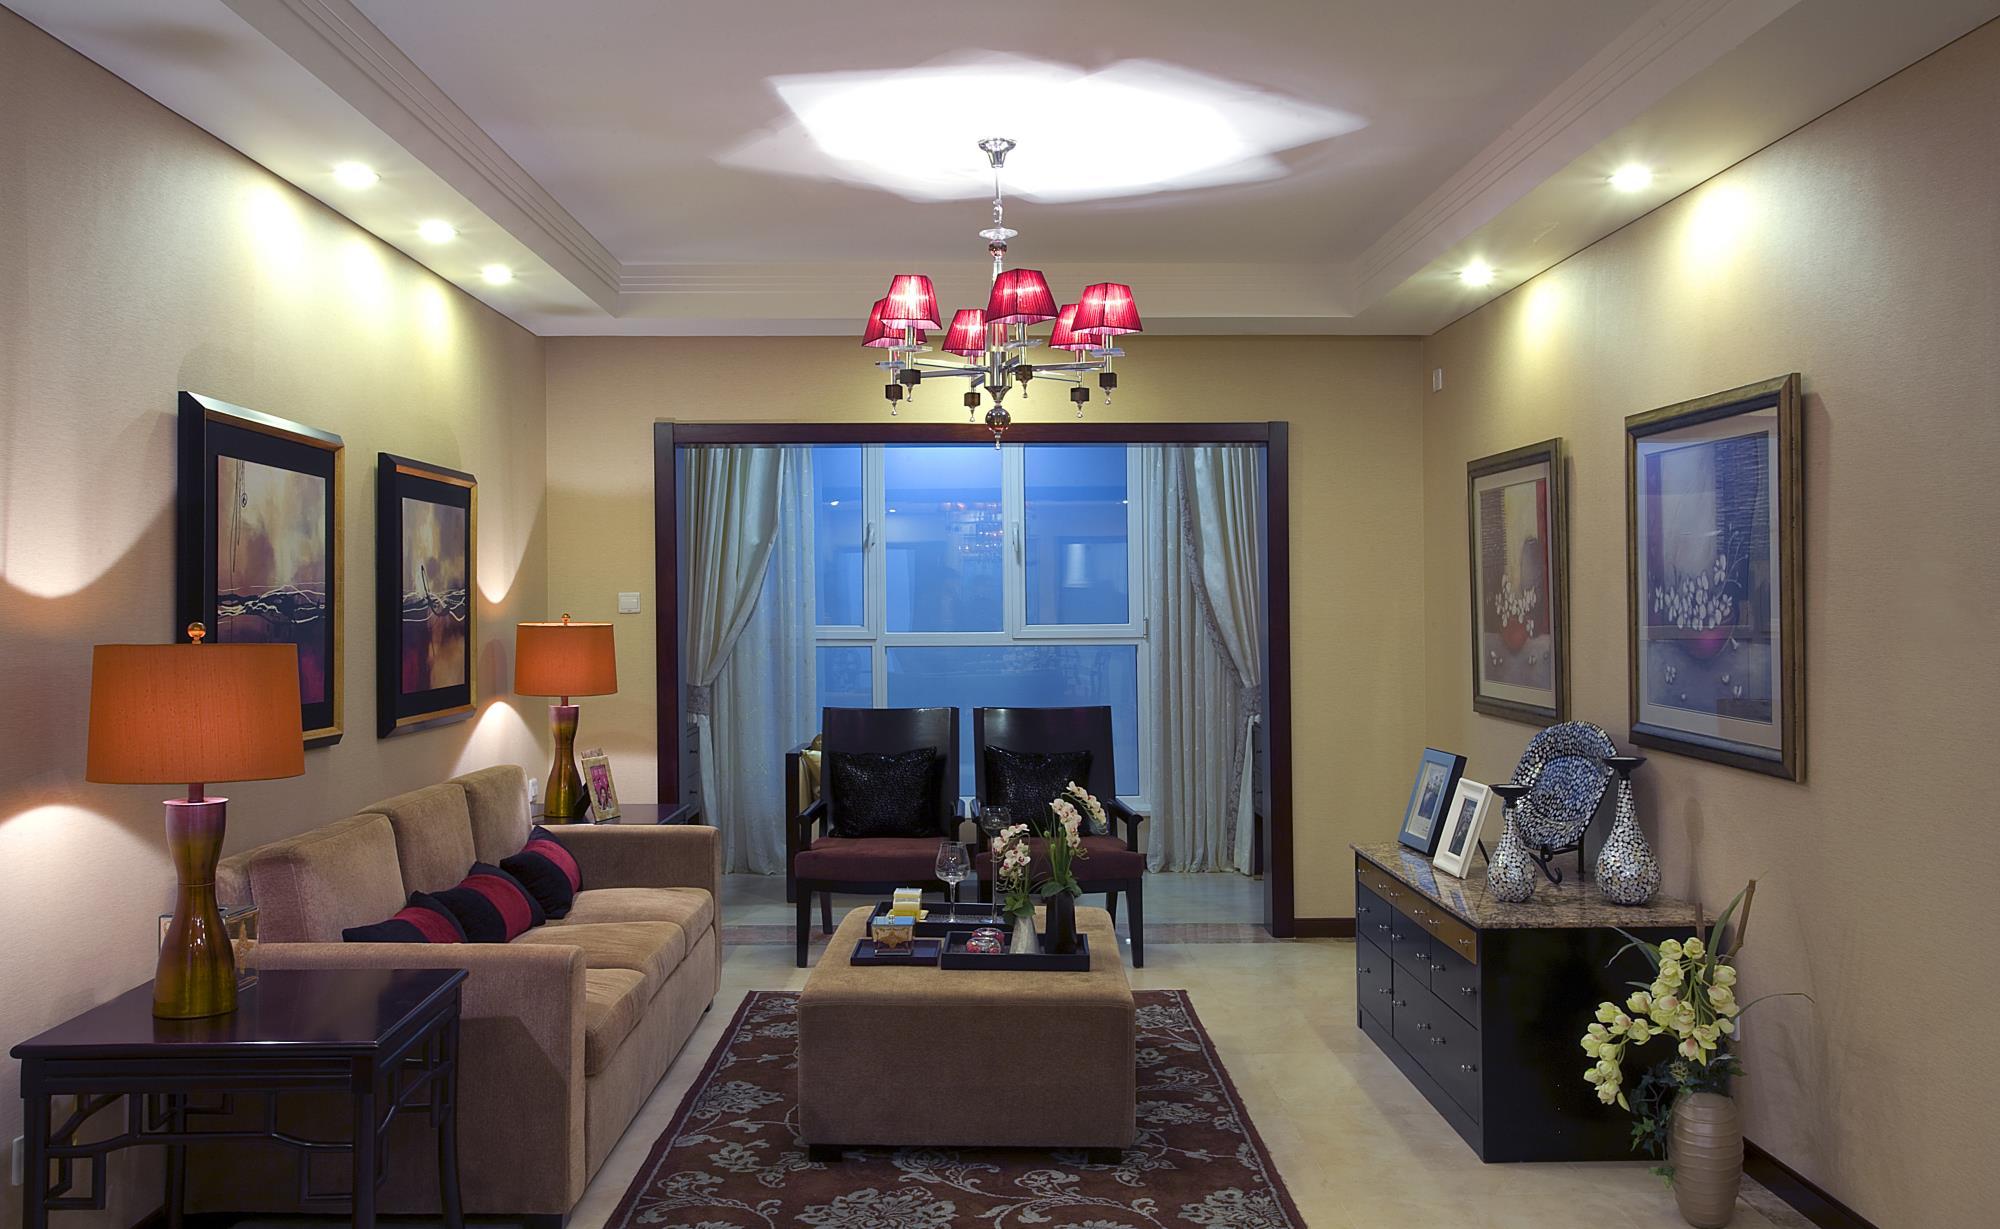 客厅灯带费电还是大灯费电 客厅灯具怎么选